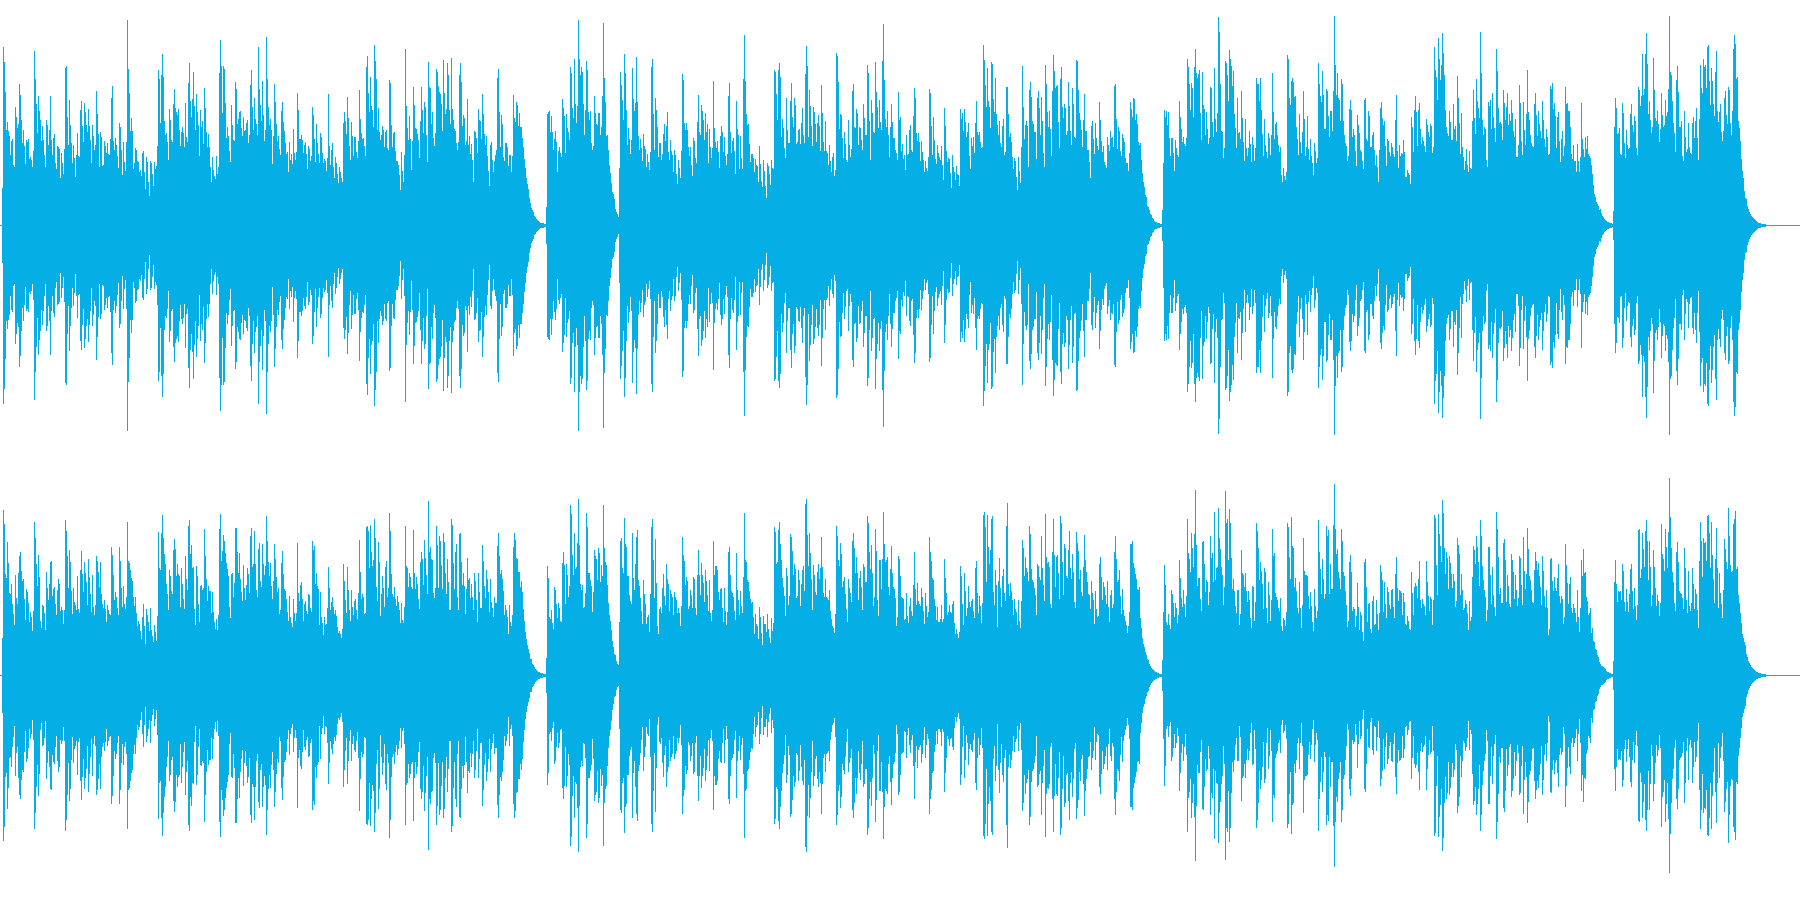 雛祭の再生済みの波形